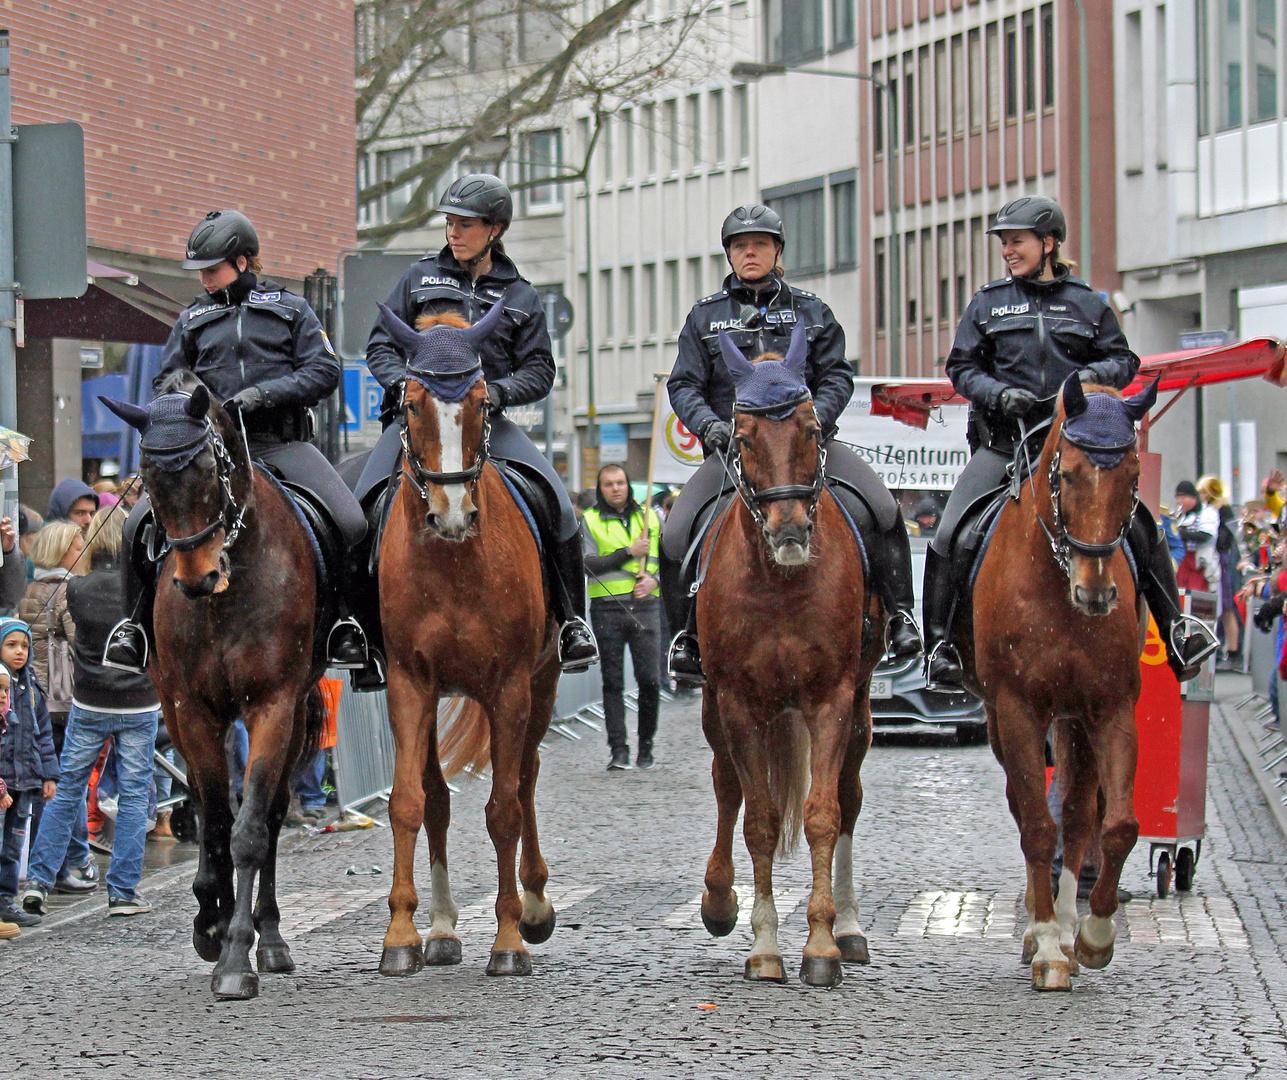 Polizeireiterstaffel